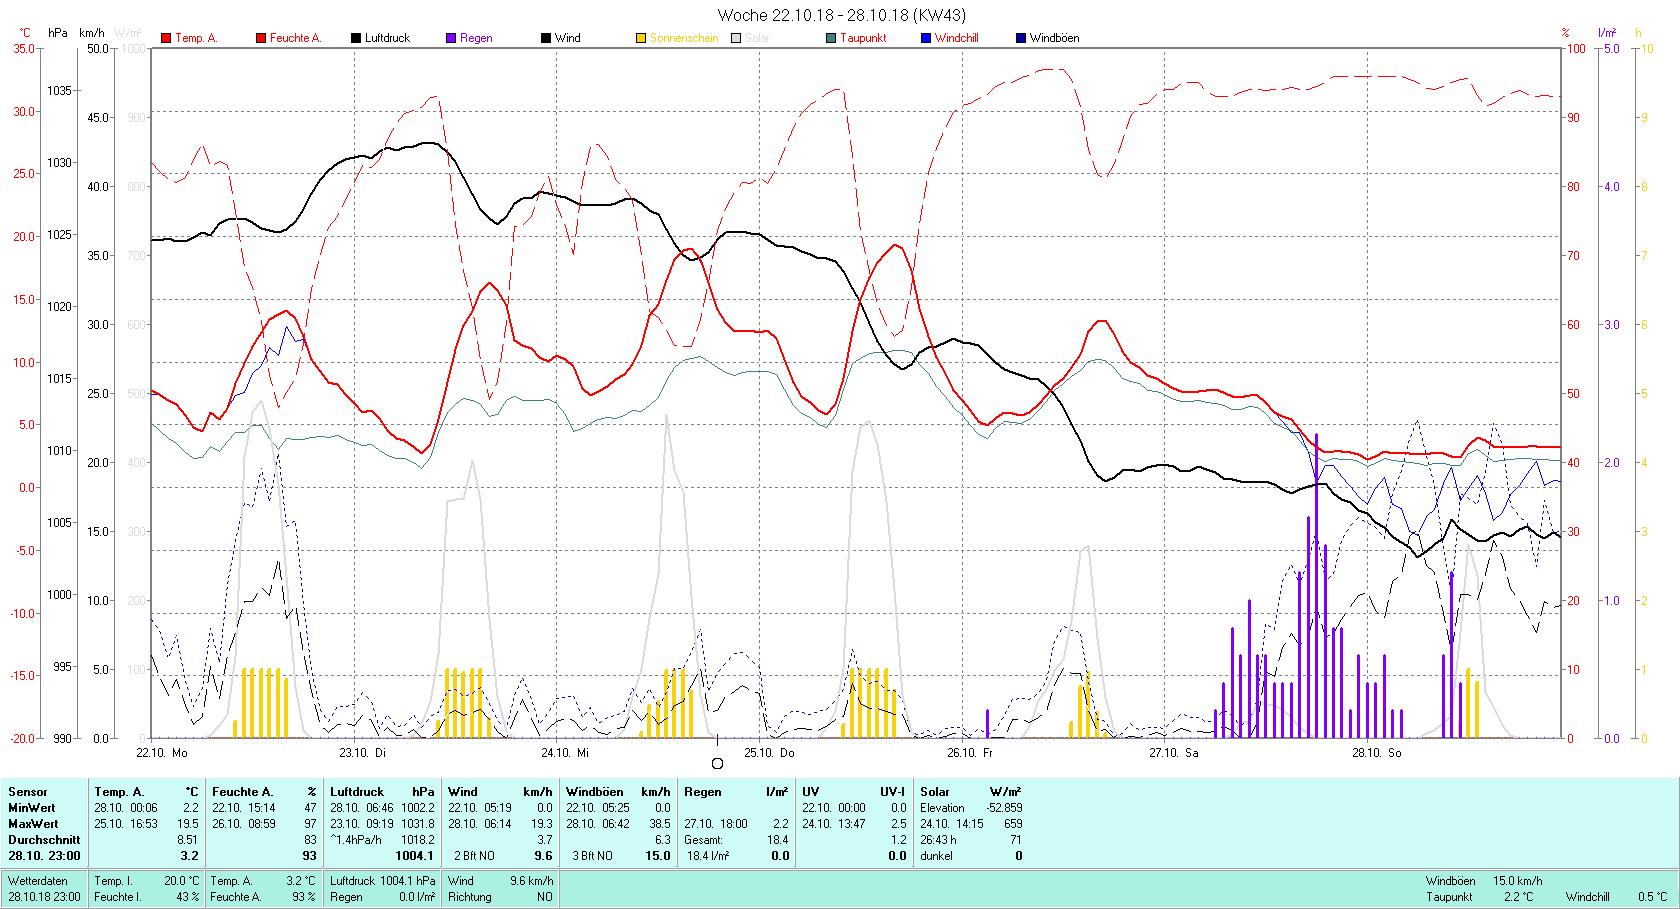 KW 43 Tmin 2.2°C, Tmax 19.5°C, Sonne 26:43 h Niederschlag 18.4 mm2